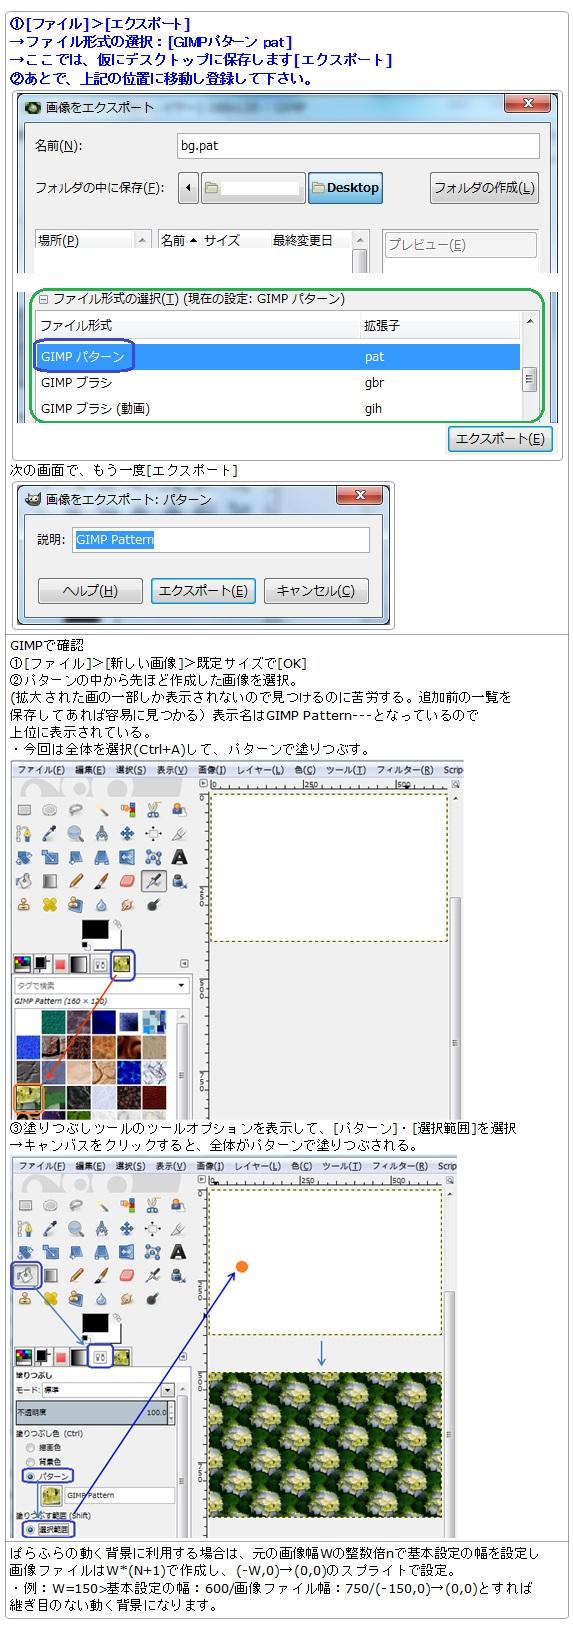 new_pattern.文字色jpg